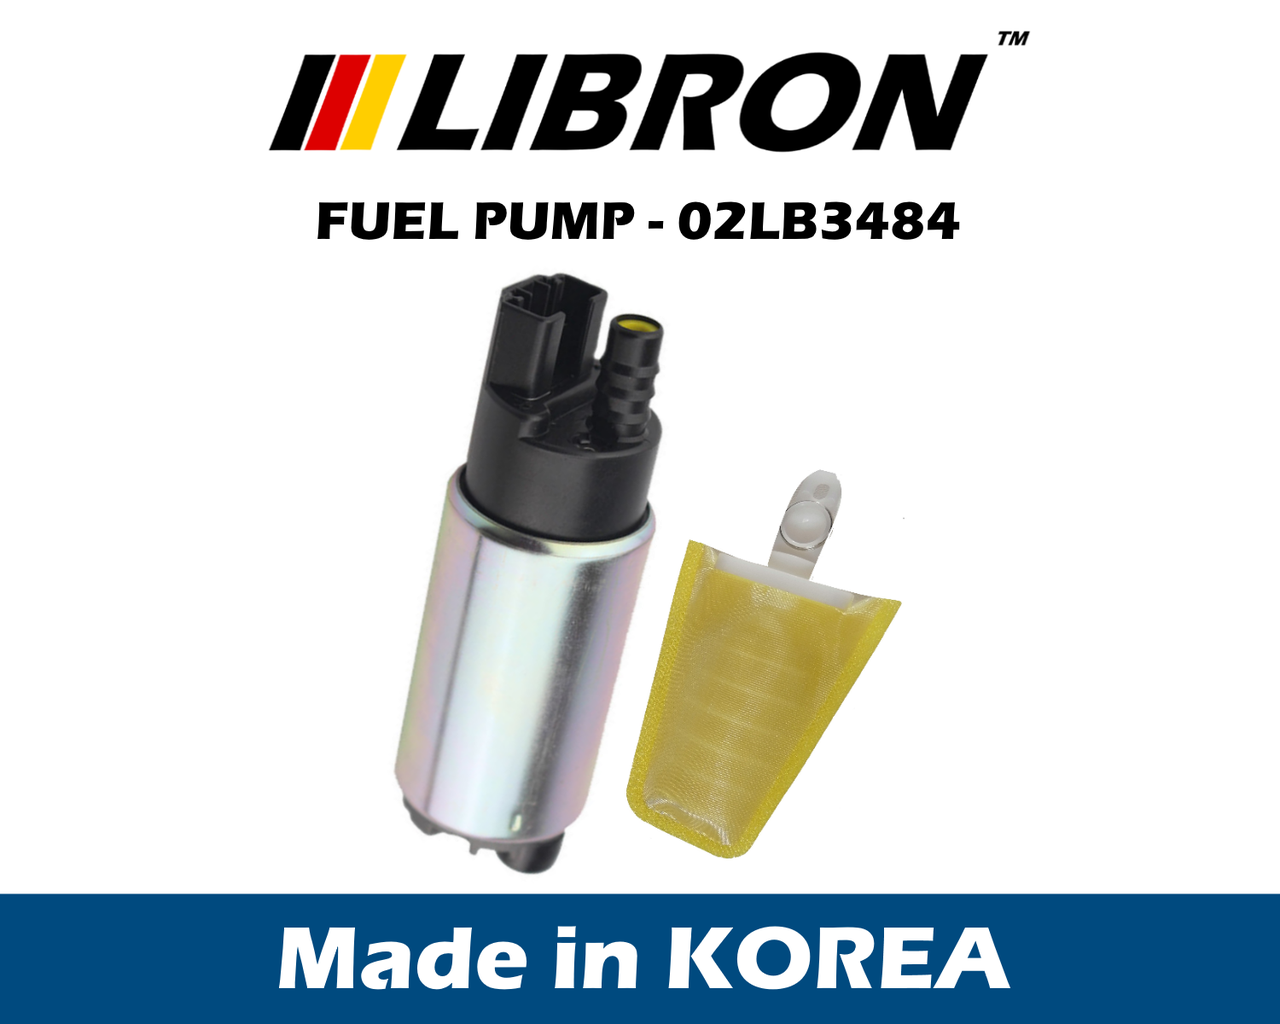 Топливный насос LIBRON 02LB3484 - HONDA CIVIC V купе